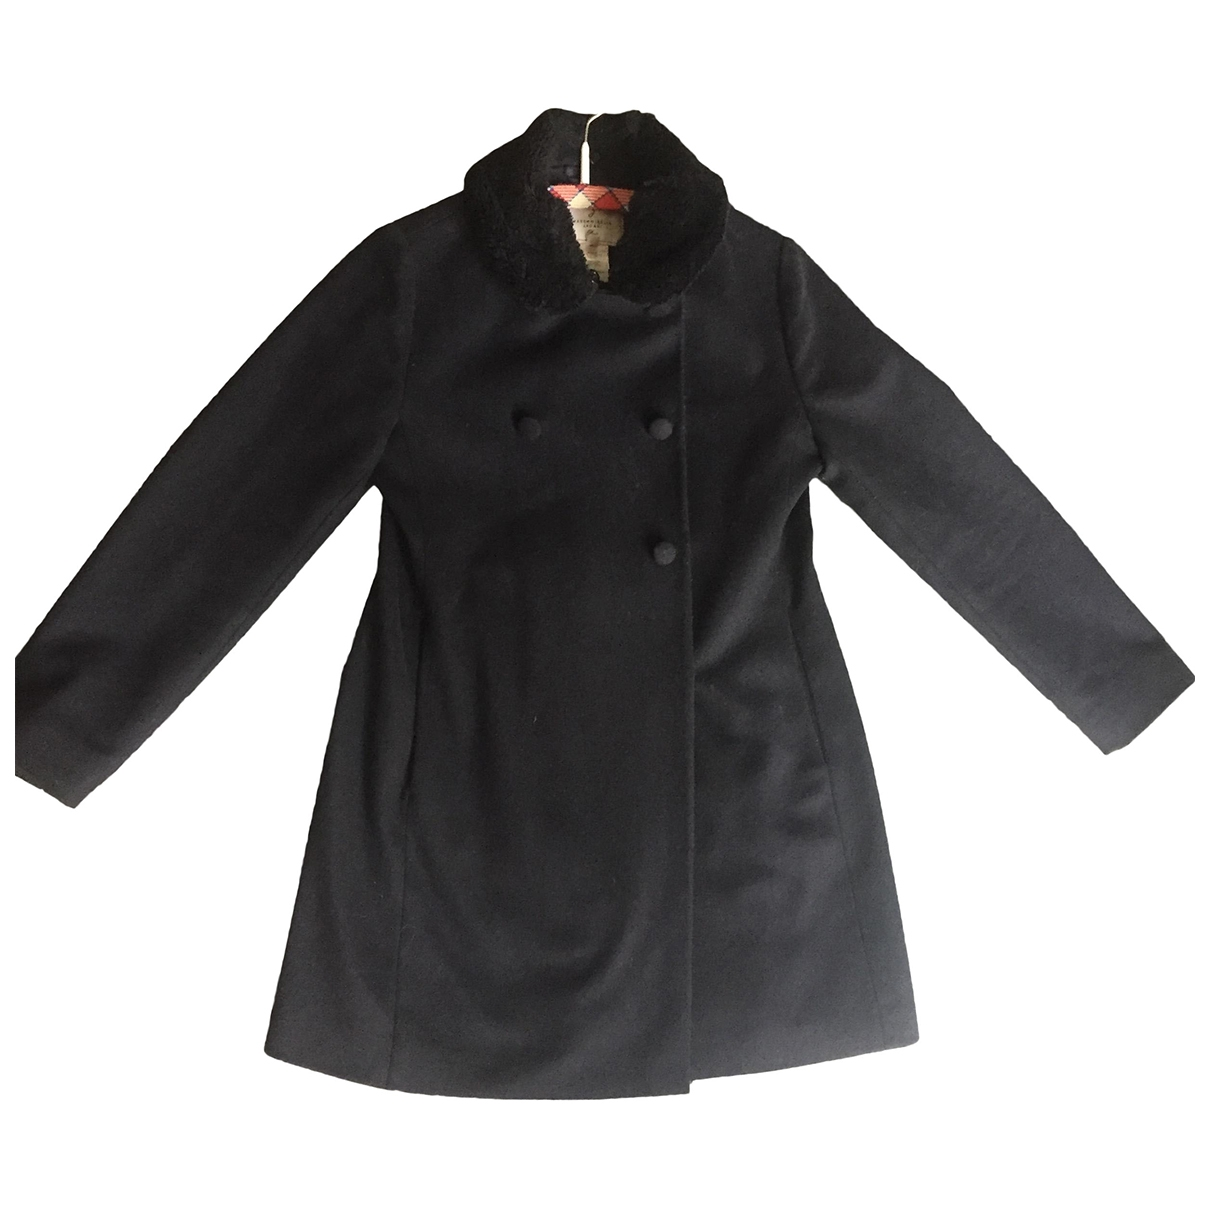 Jacadi \N Navy Wool jacket & coat for Kids 14 years - S FR